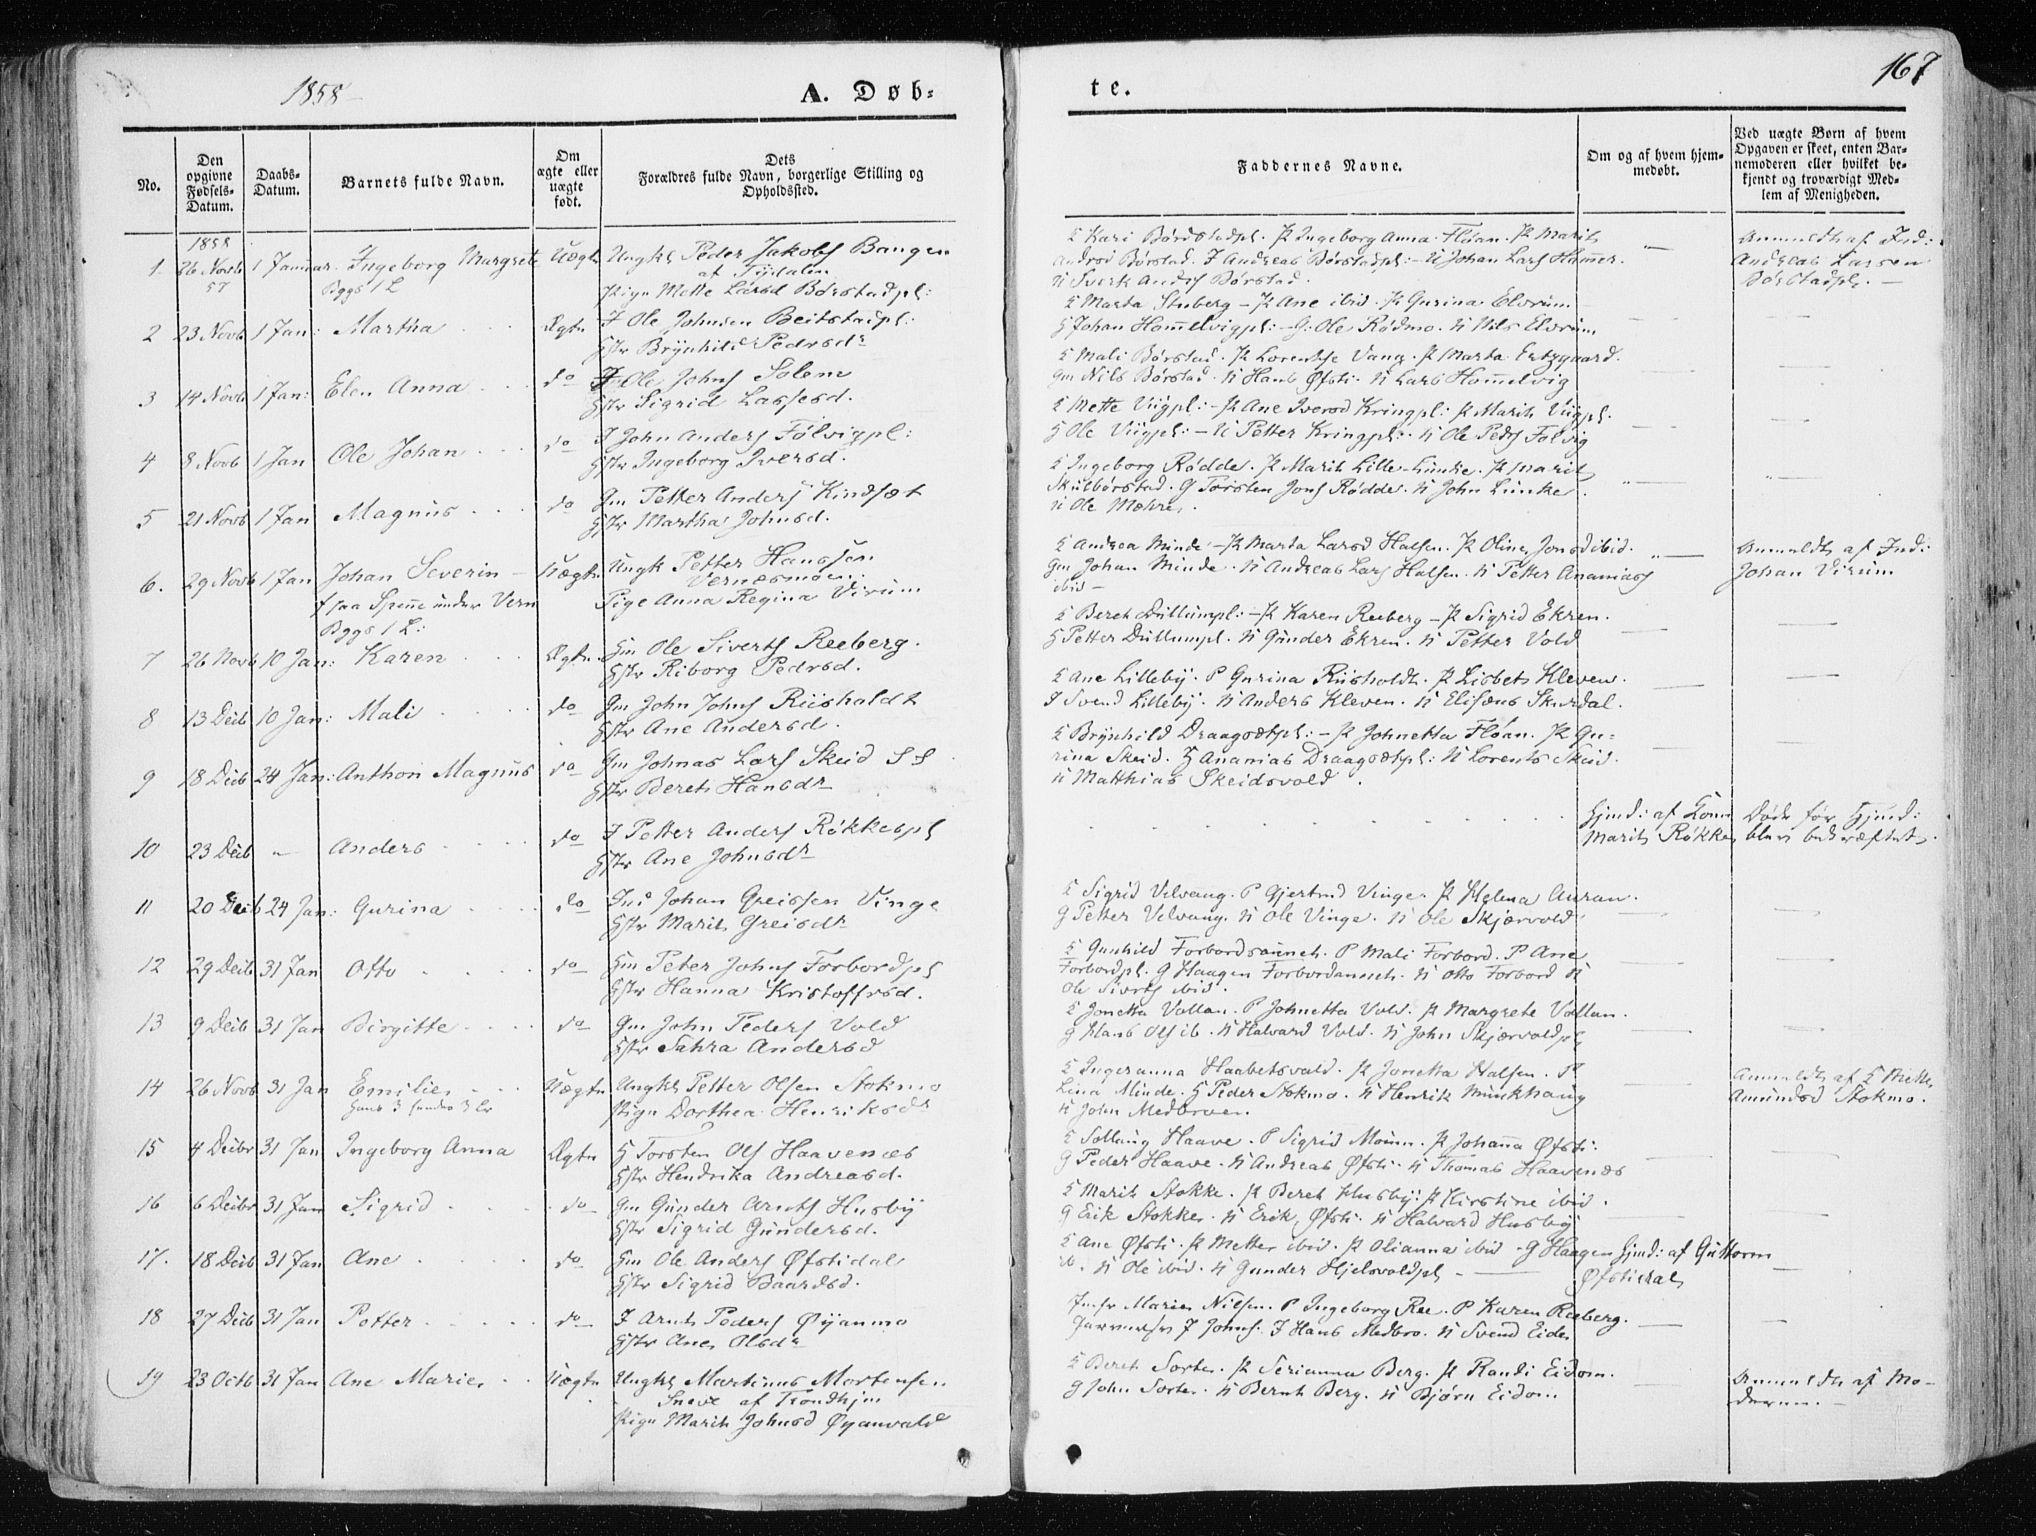 SAT, Ministerialprotokoller, klokkerbøker og fødselsregistre - Nord-Trøndelag, 709/L0074: Ministerialbok nr. 709A14, 1845-1858, s. 167